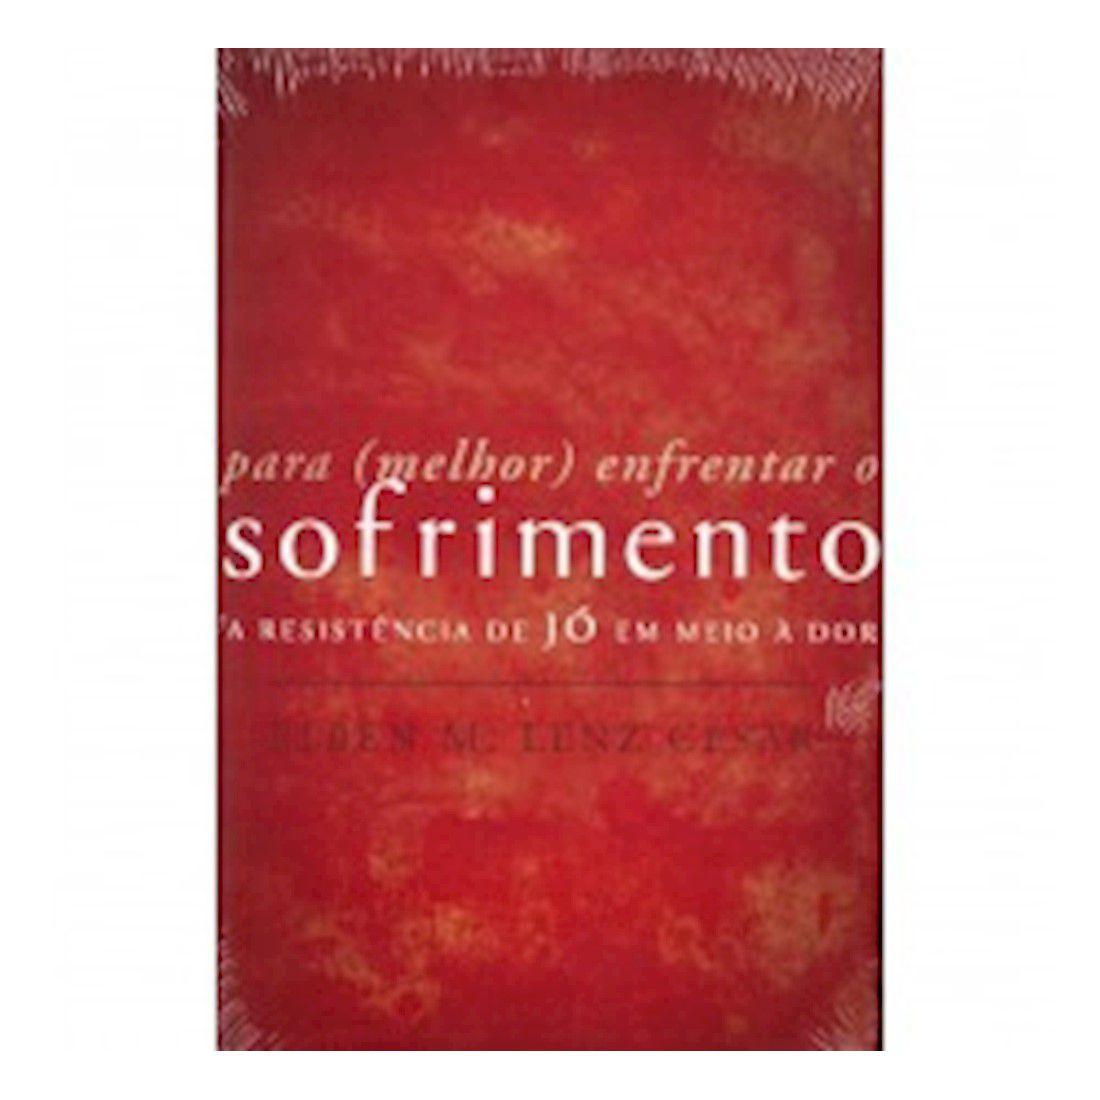 Livro Para (Melhor) Enfrentar o Sofrimento - Produto Reembalado